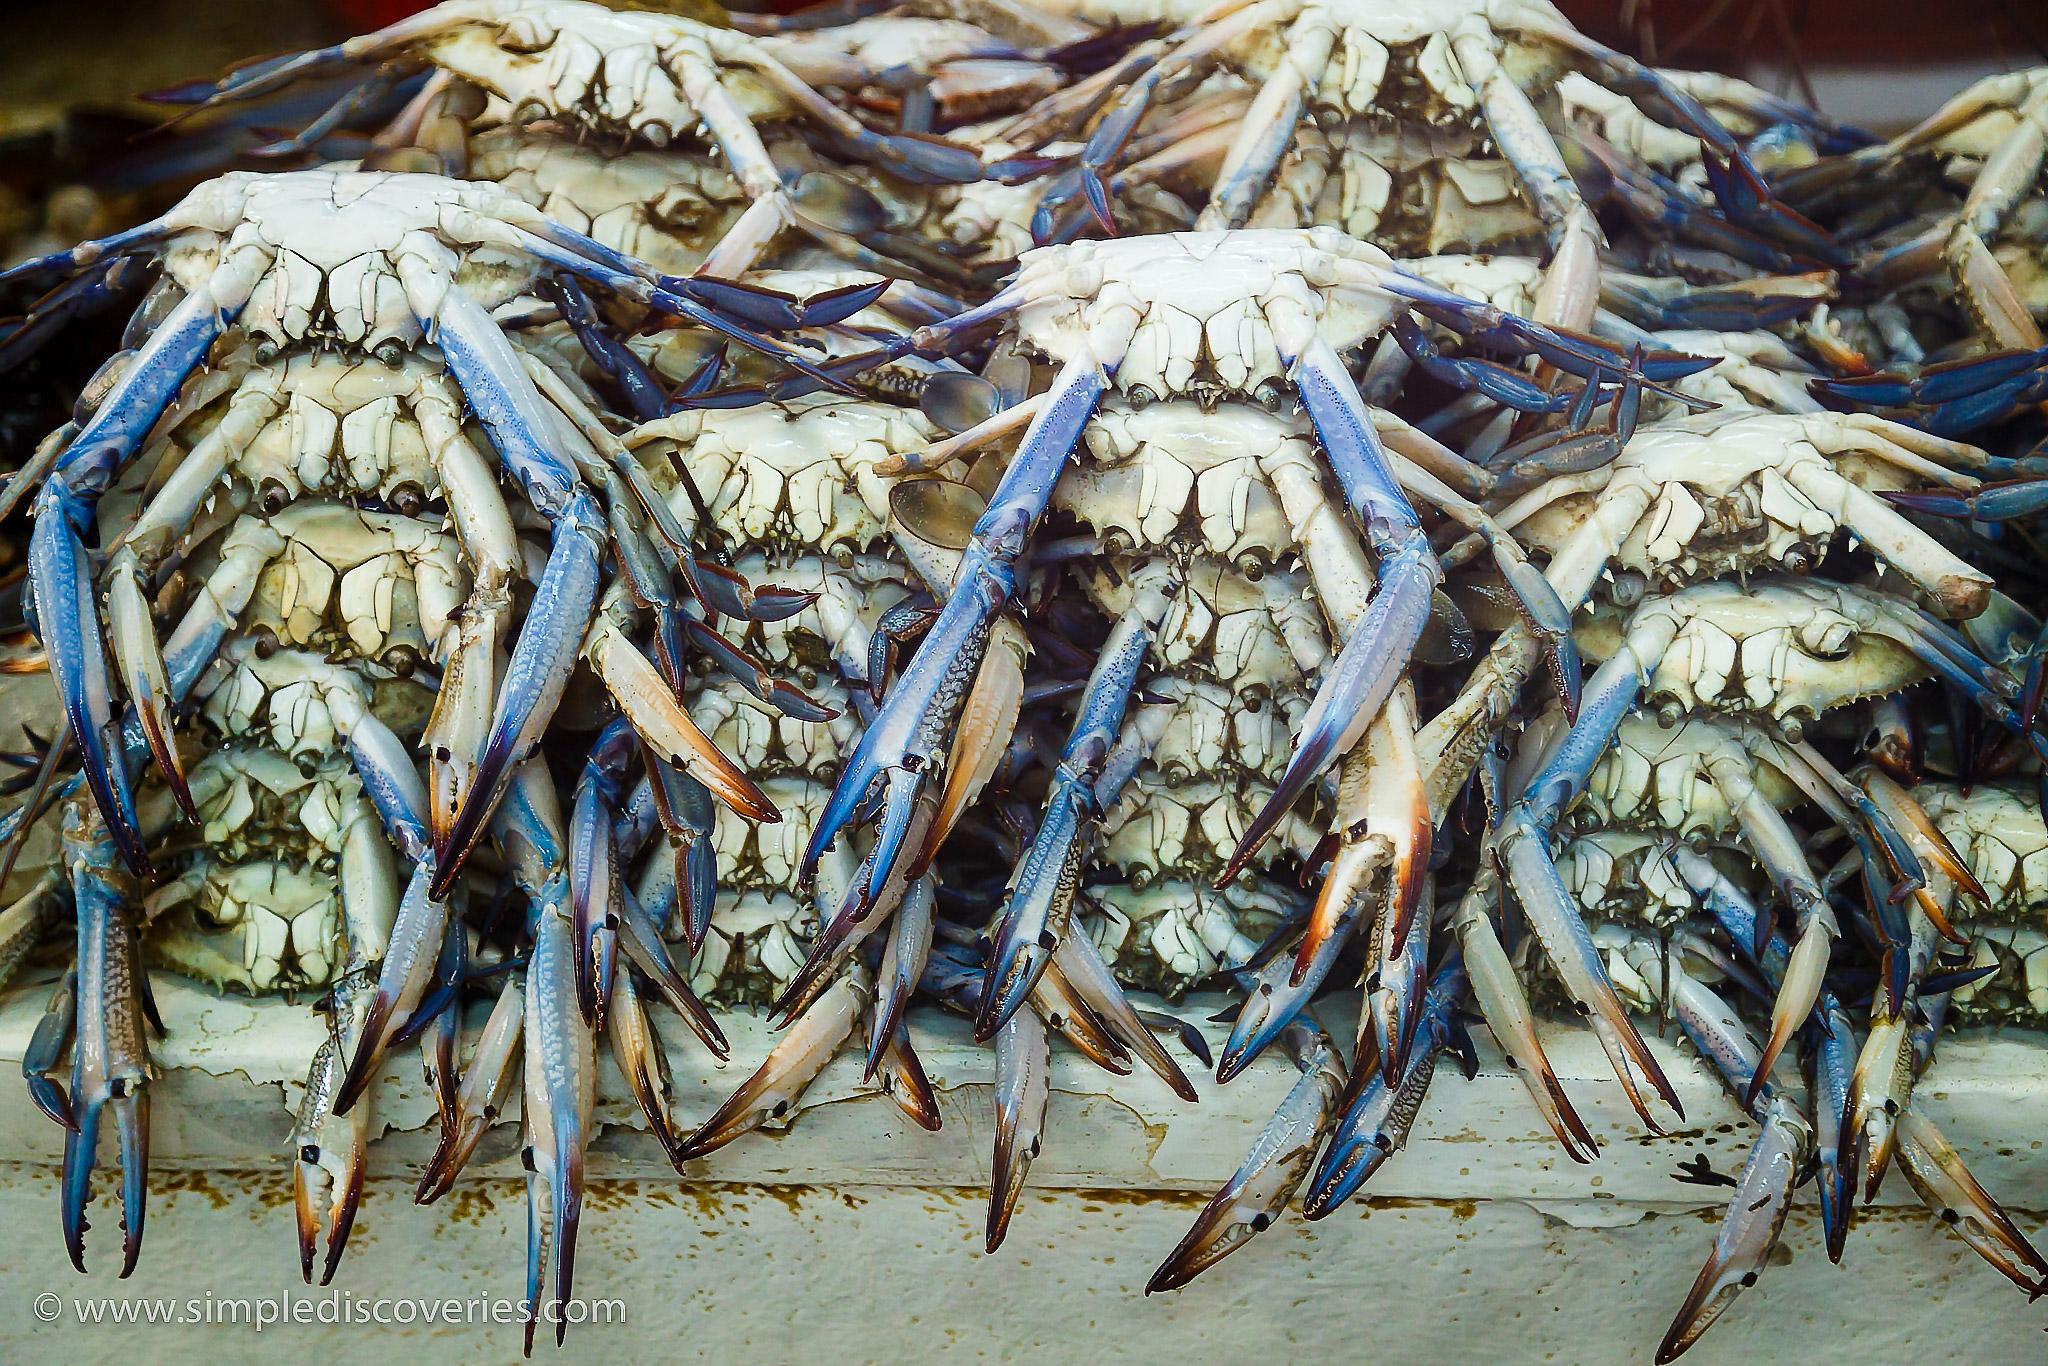 deira_market_crabs_dubai